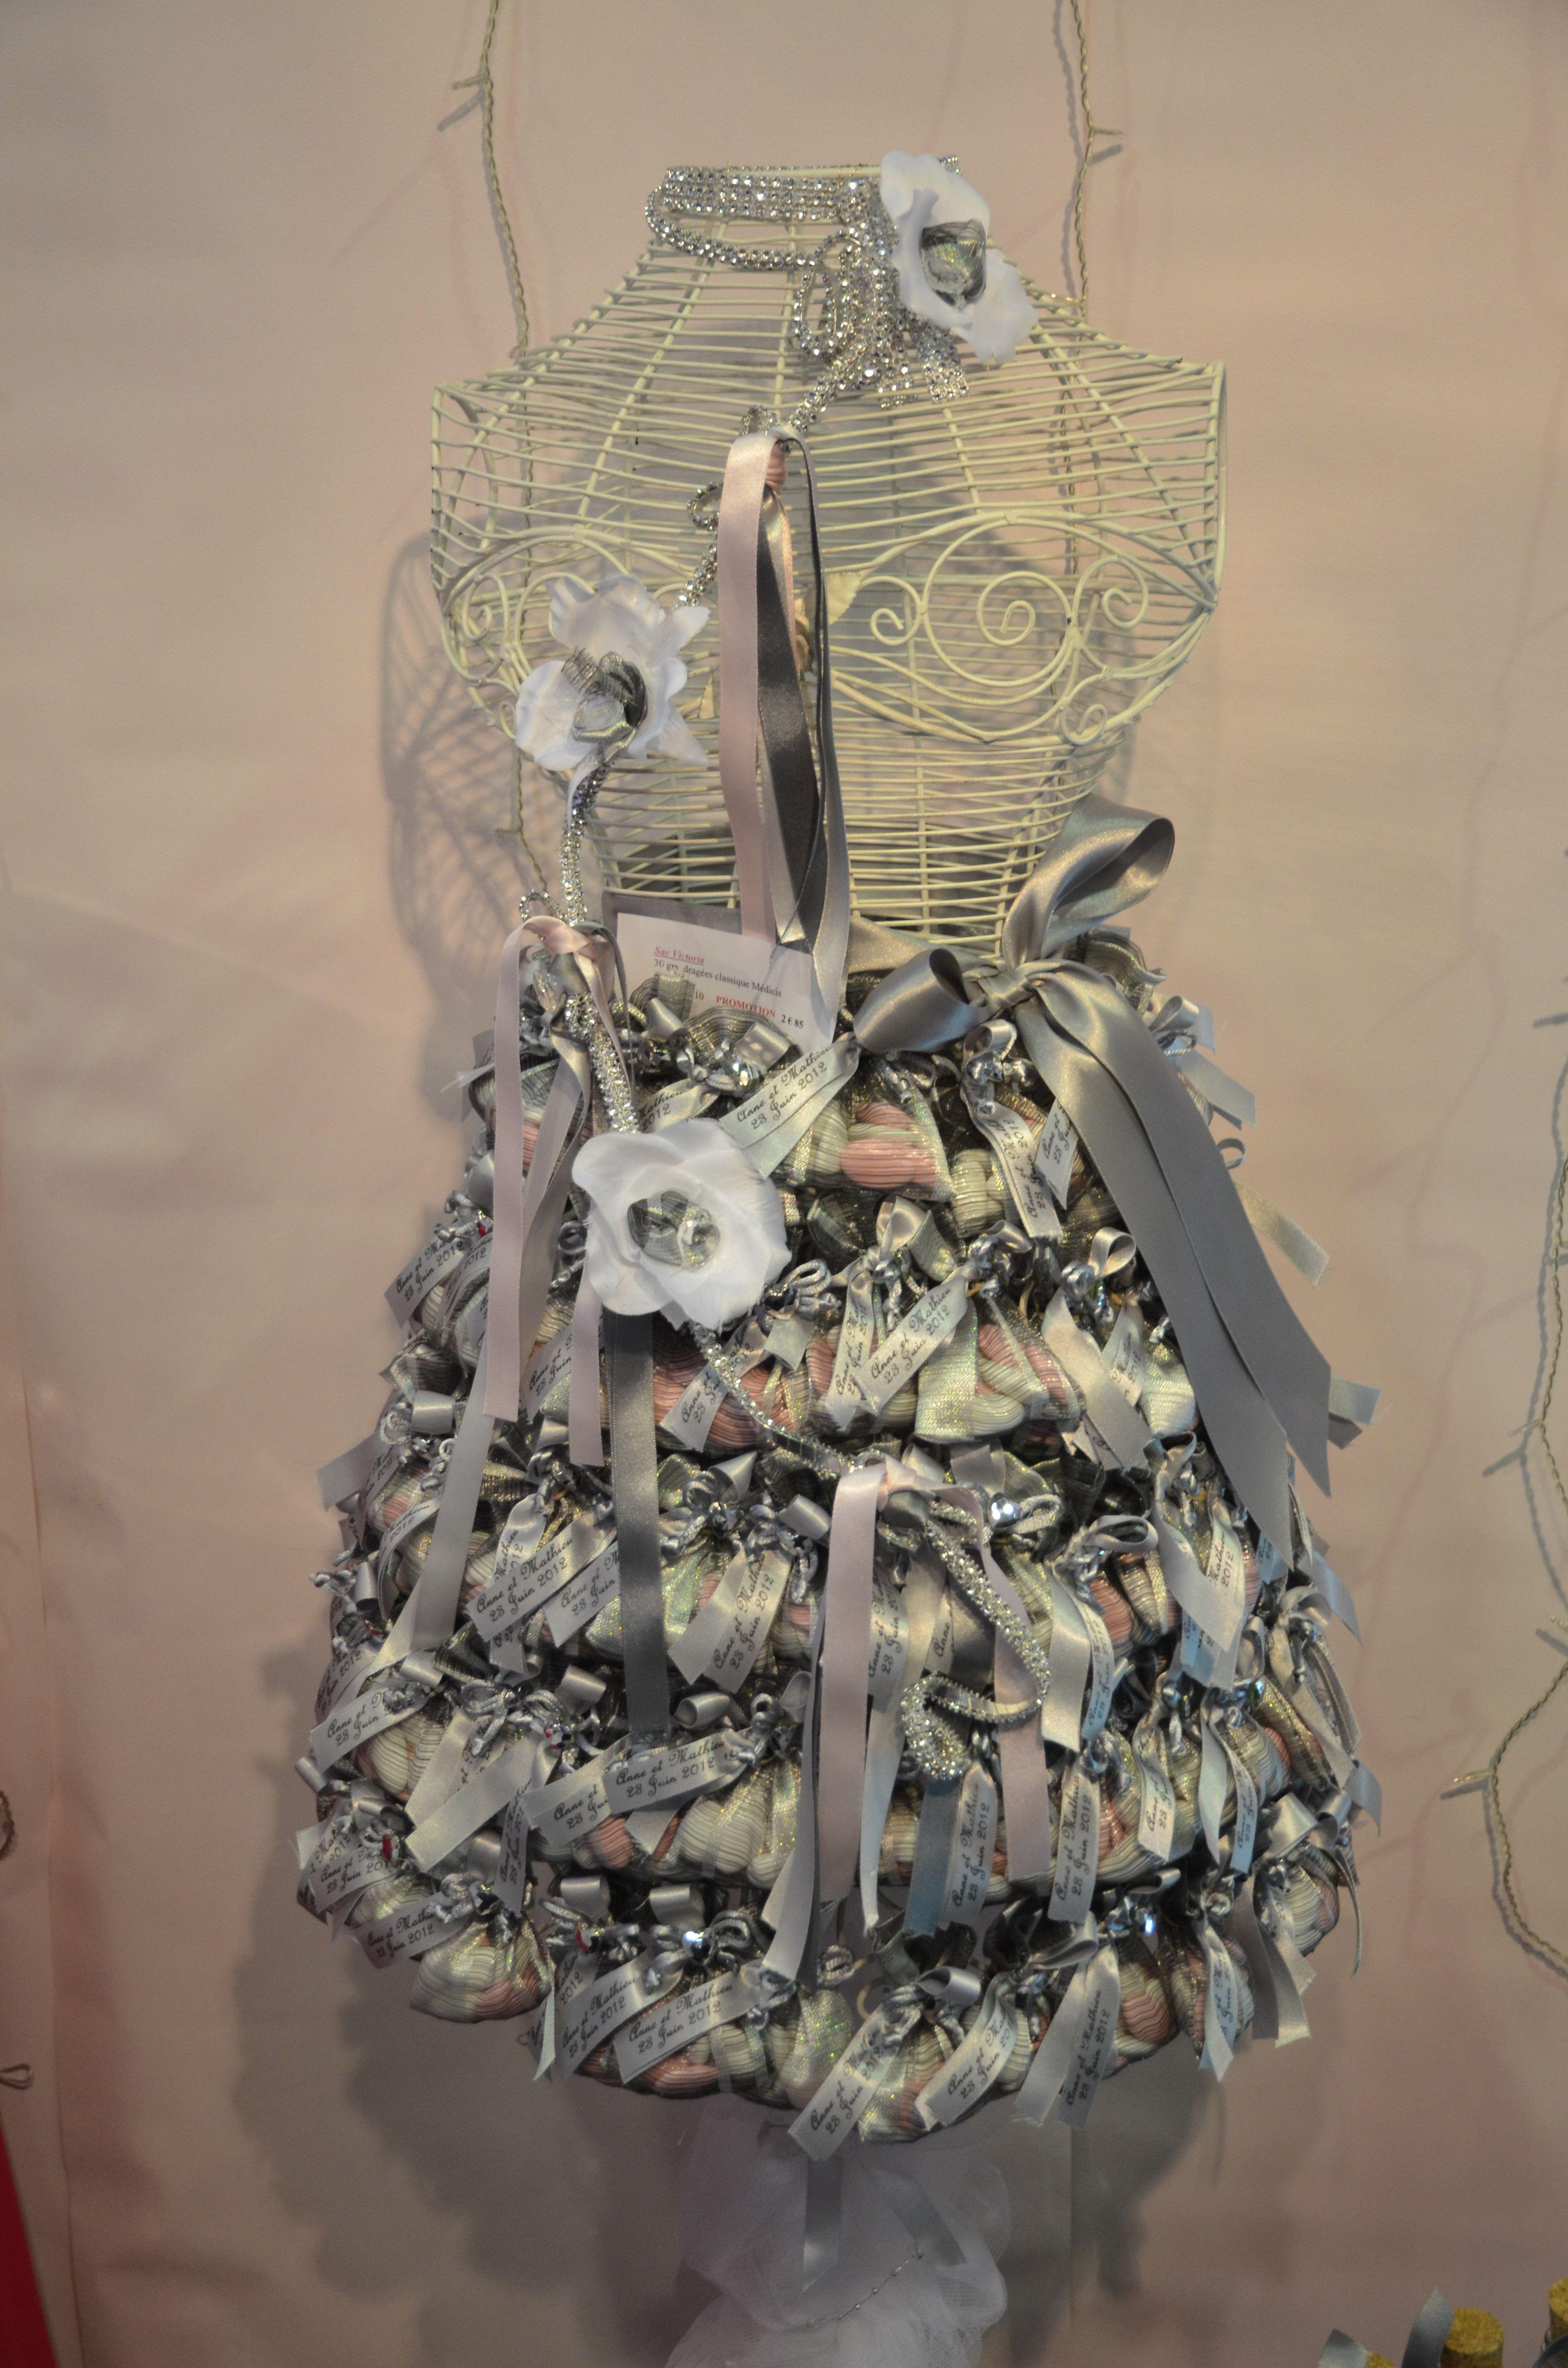 Déco mariage présentation d un buste décoré de ballotins de